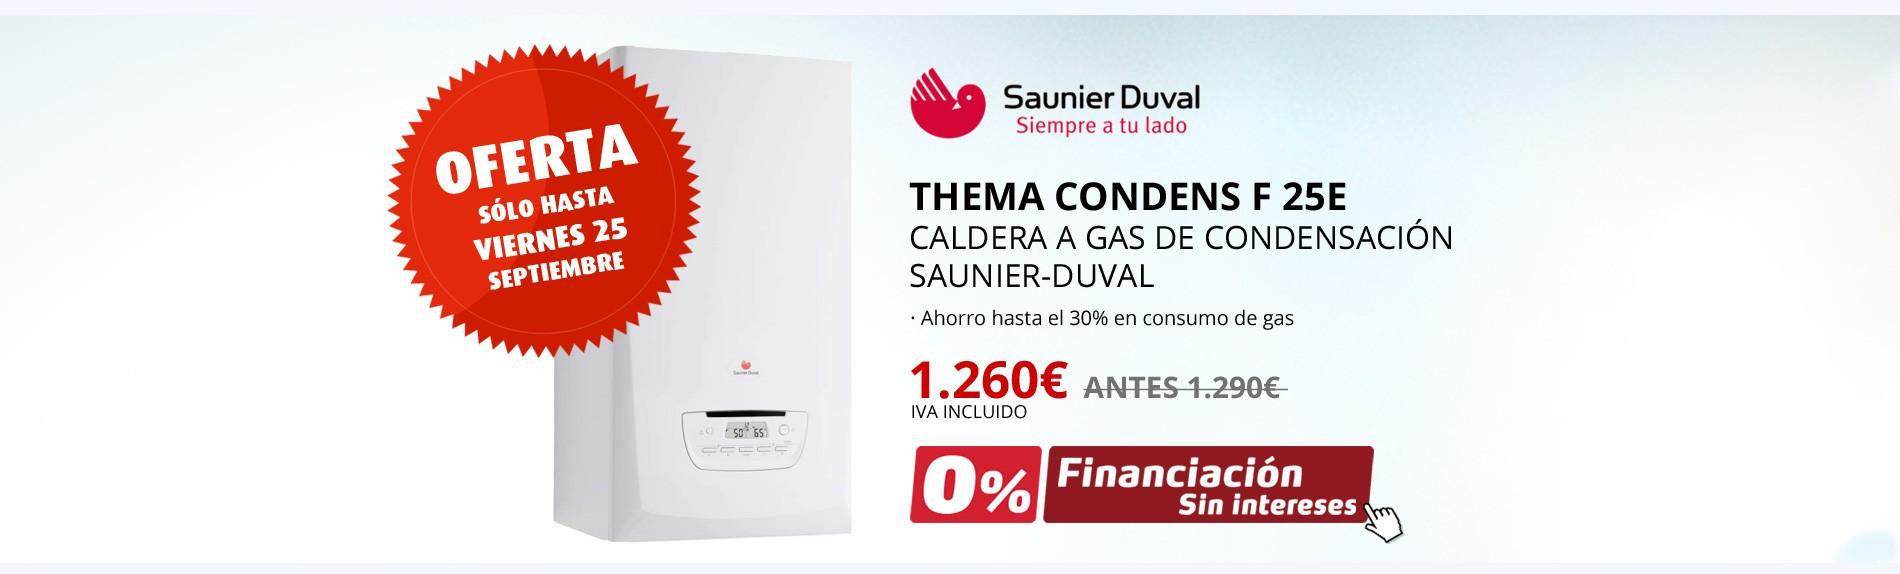 Caldera Gas Condensacion Thema Condens Saunier Duval Oferta